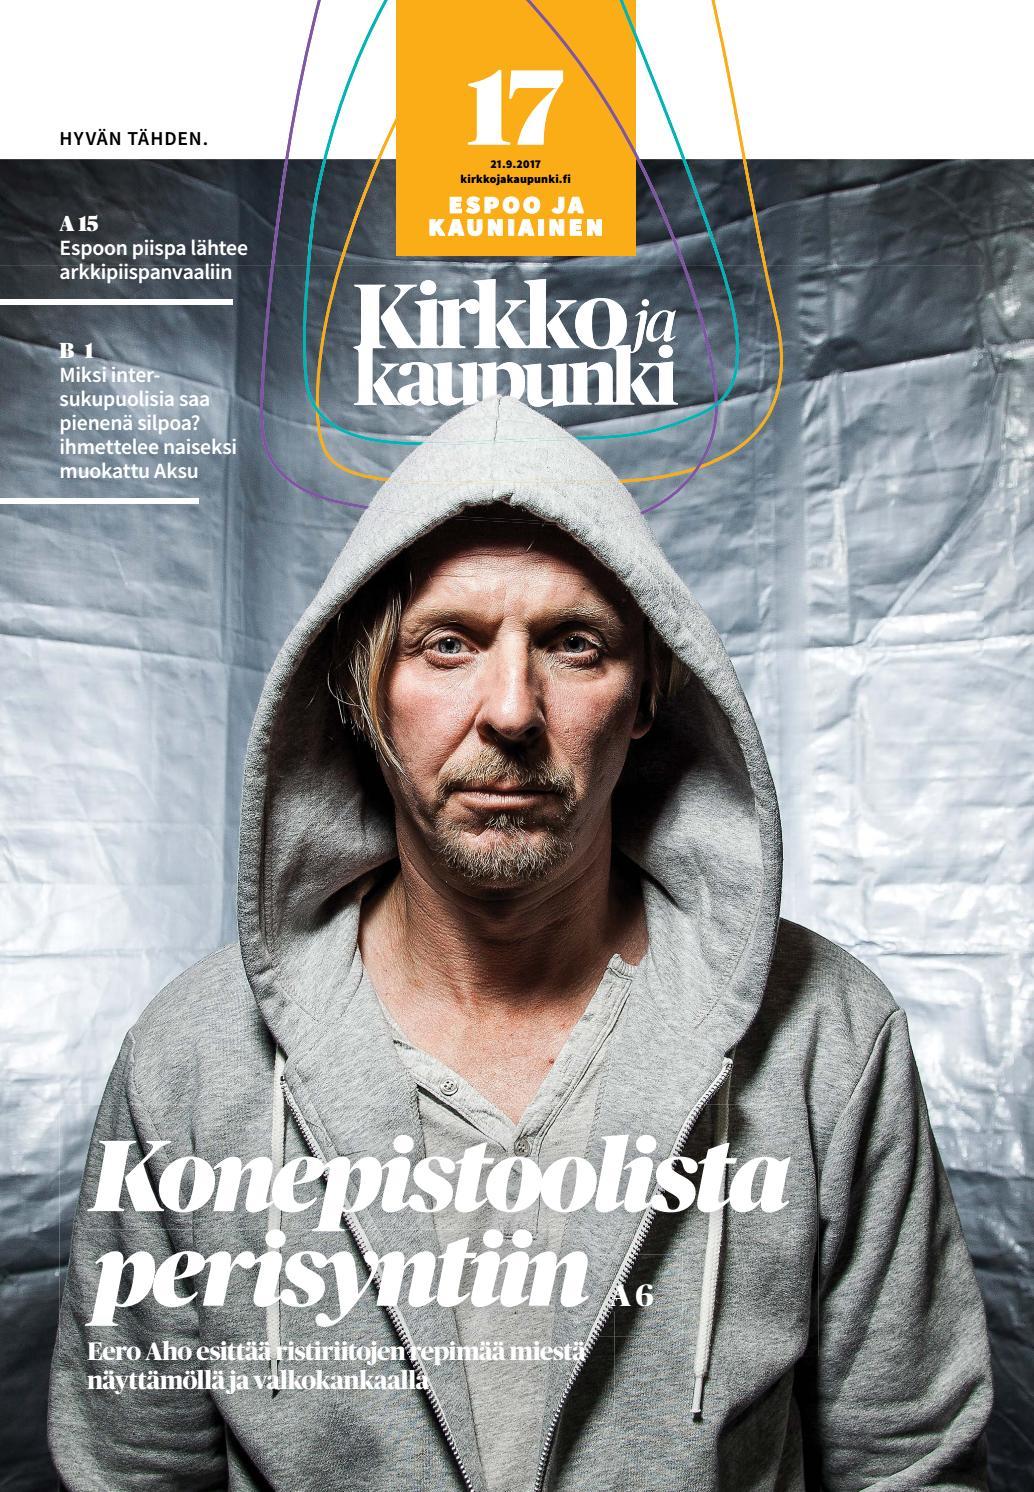 Kirkko ja kaupunki 2017 17 espoo by Kirkko ja kaupunki - Issuu